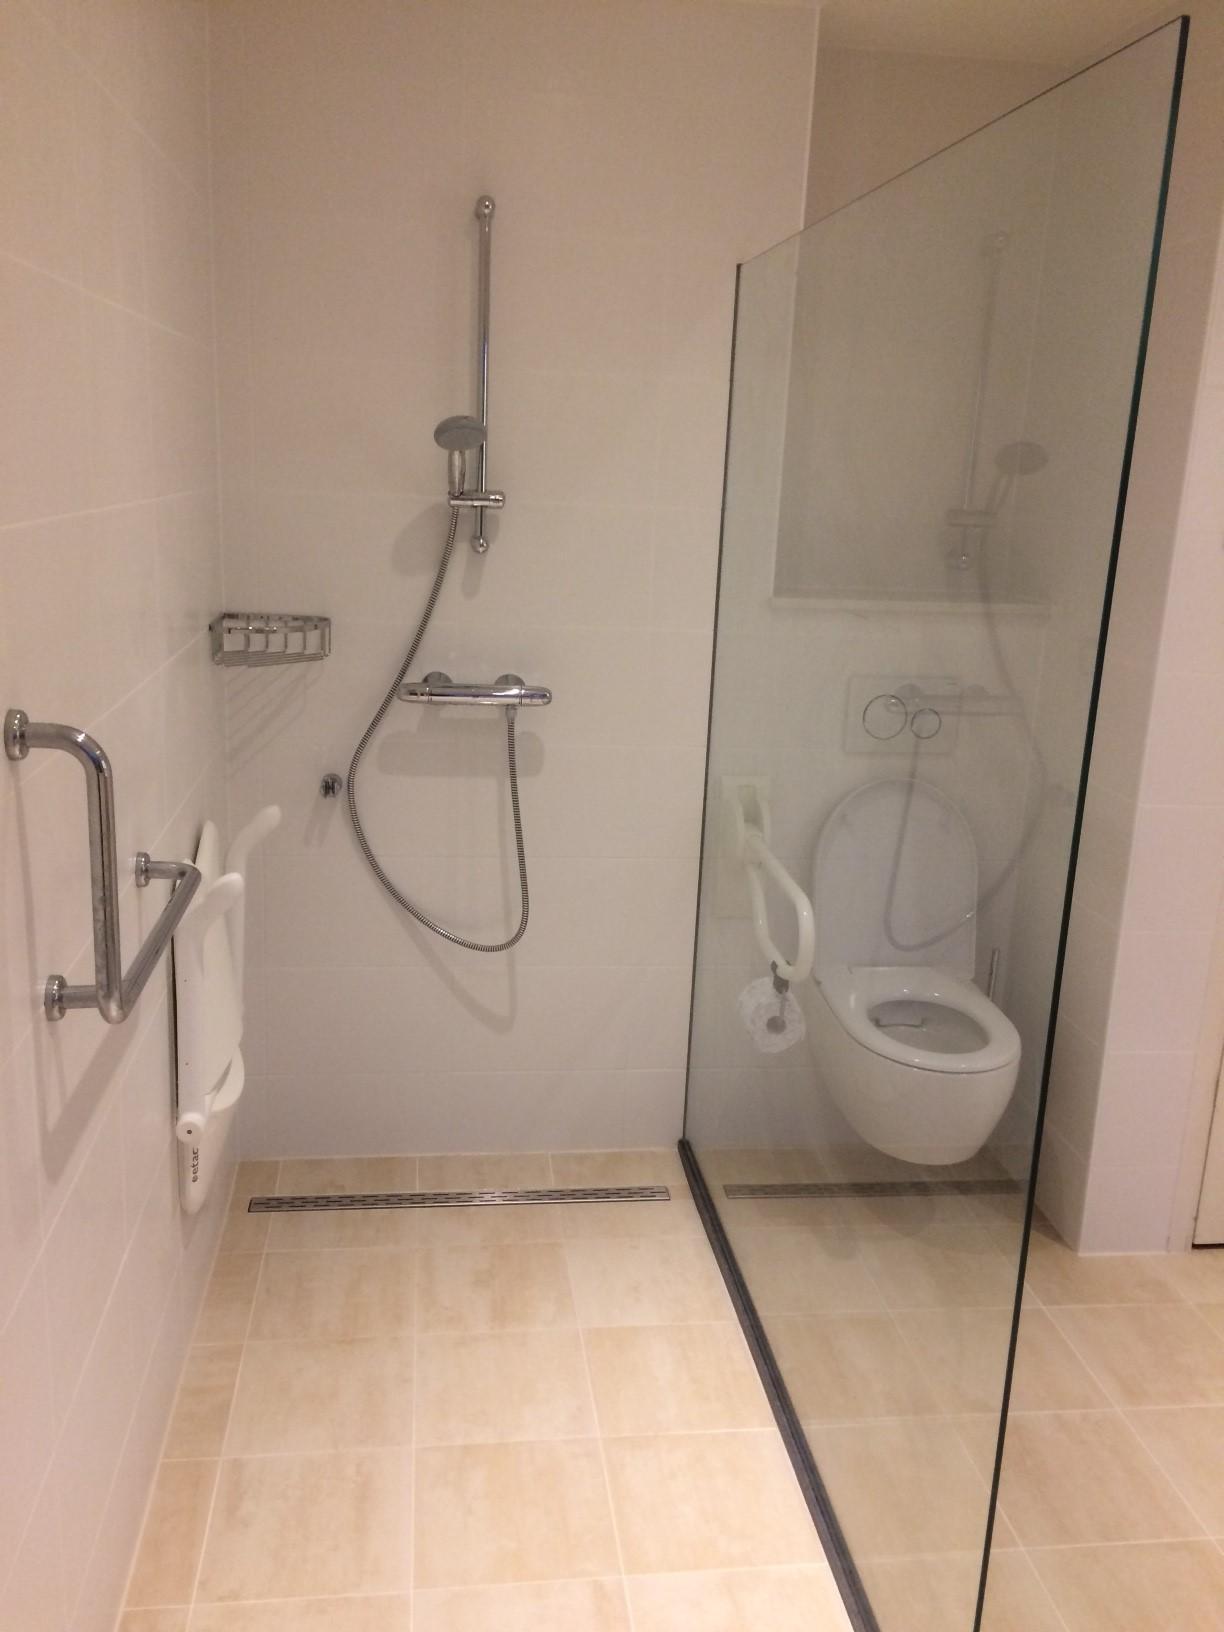 Nieuwe Badkamer Nijmegen : Hans janssen bouwservice badkamer verbouwen nijmegen